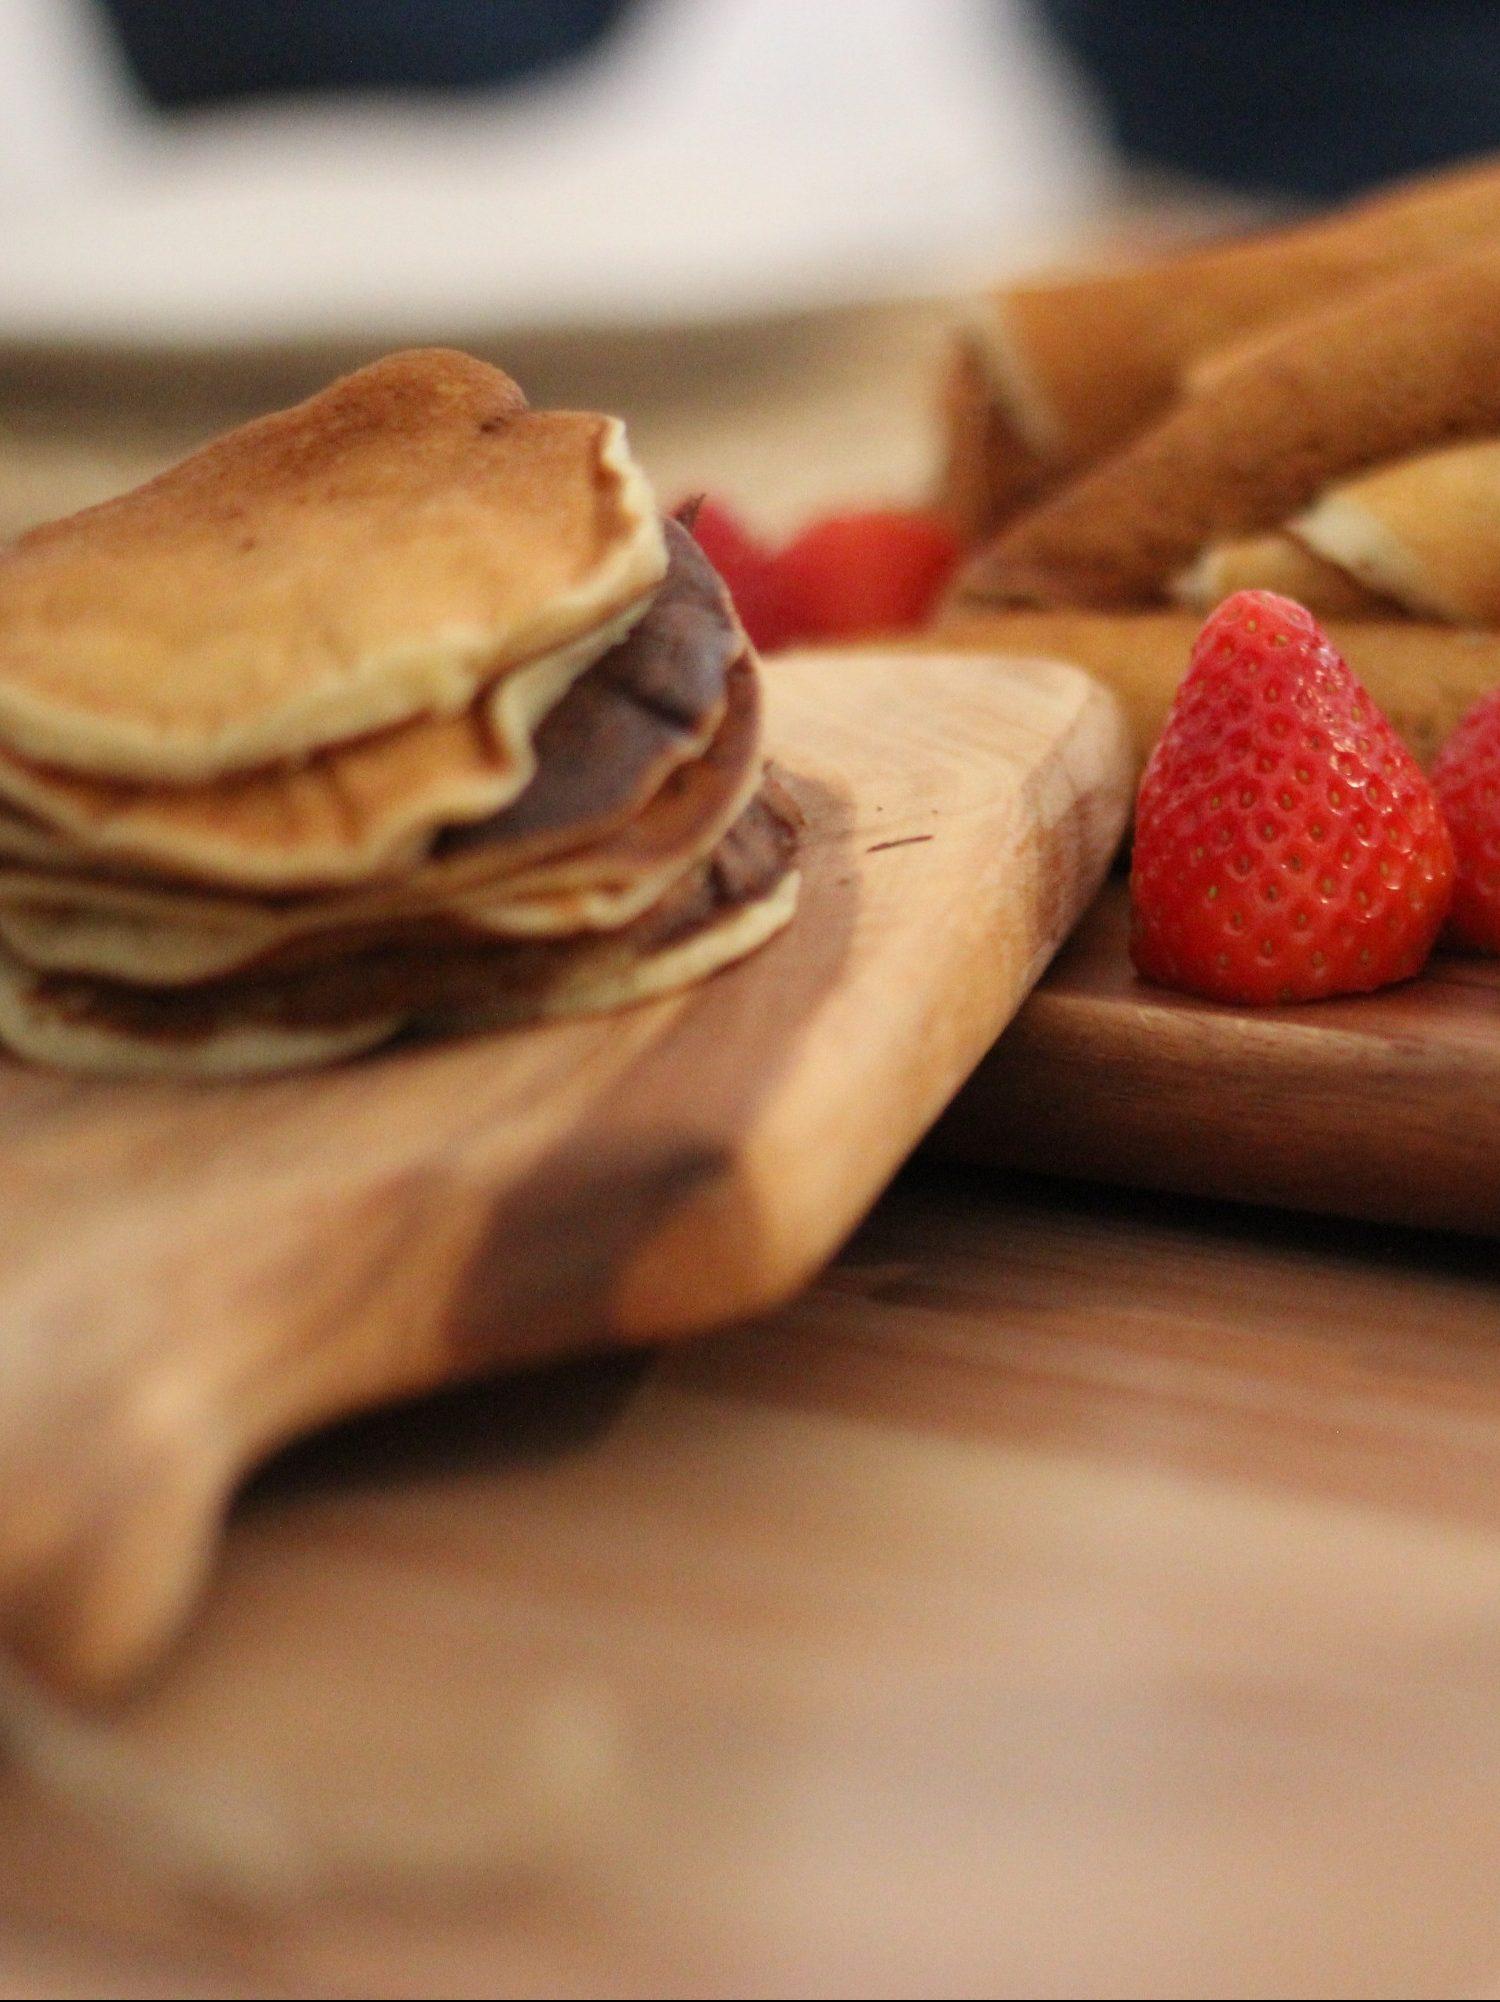 baking-biscuit-breakfast-53483